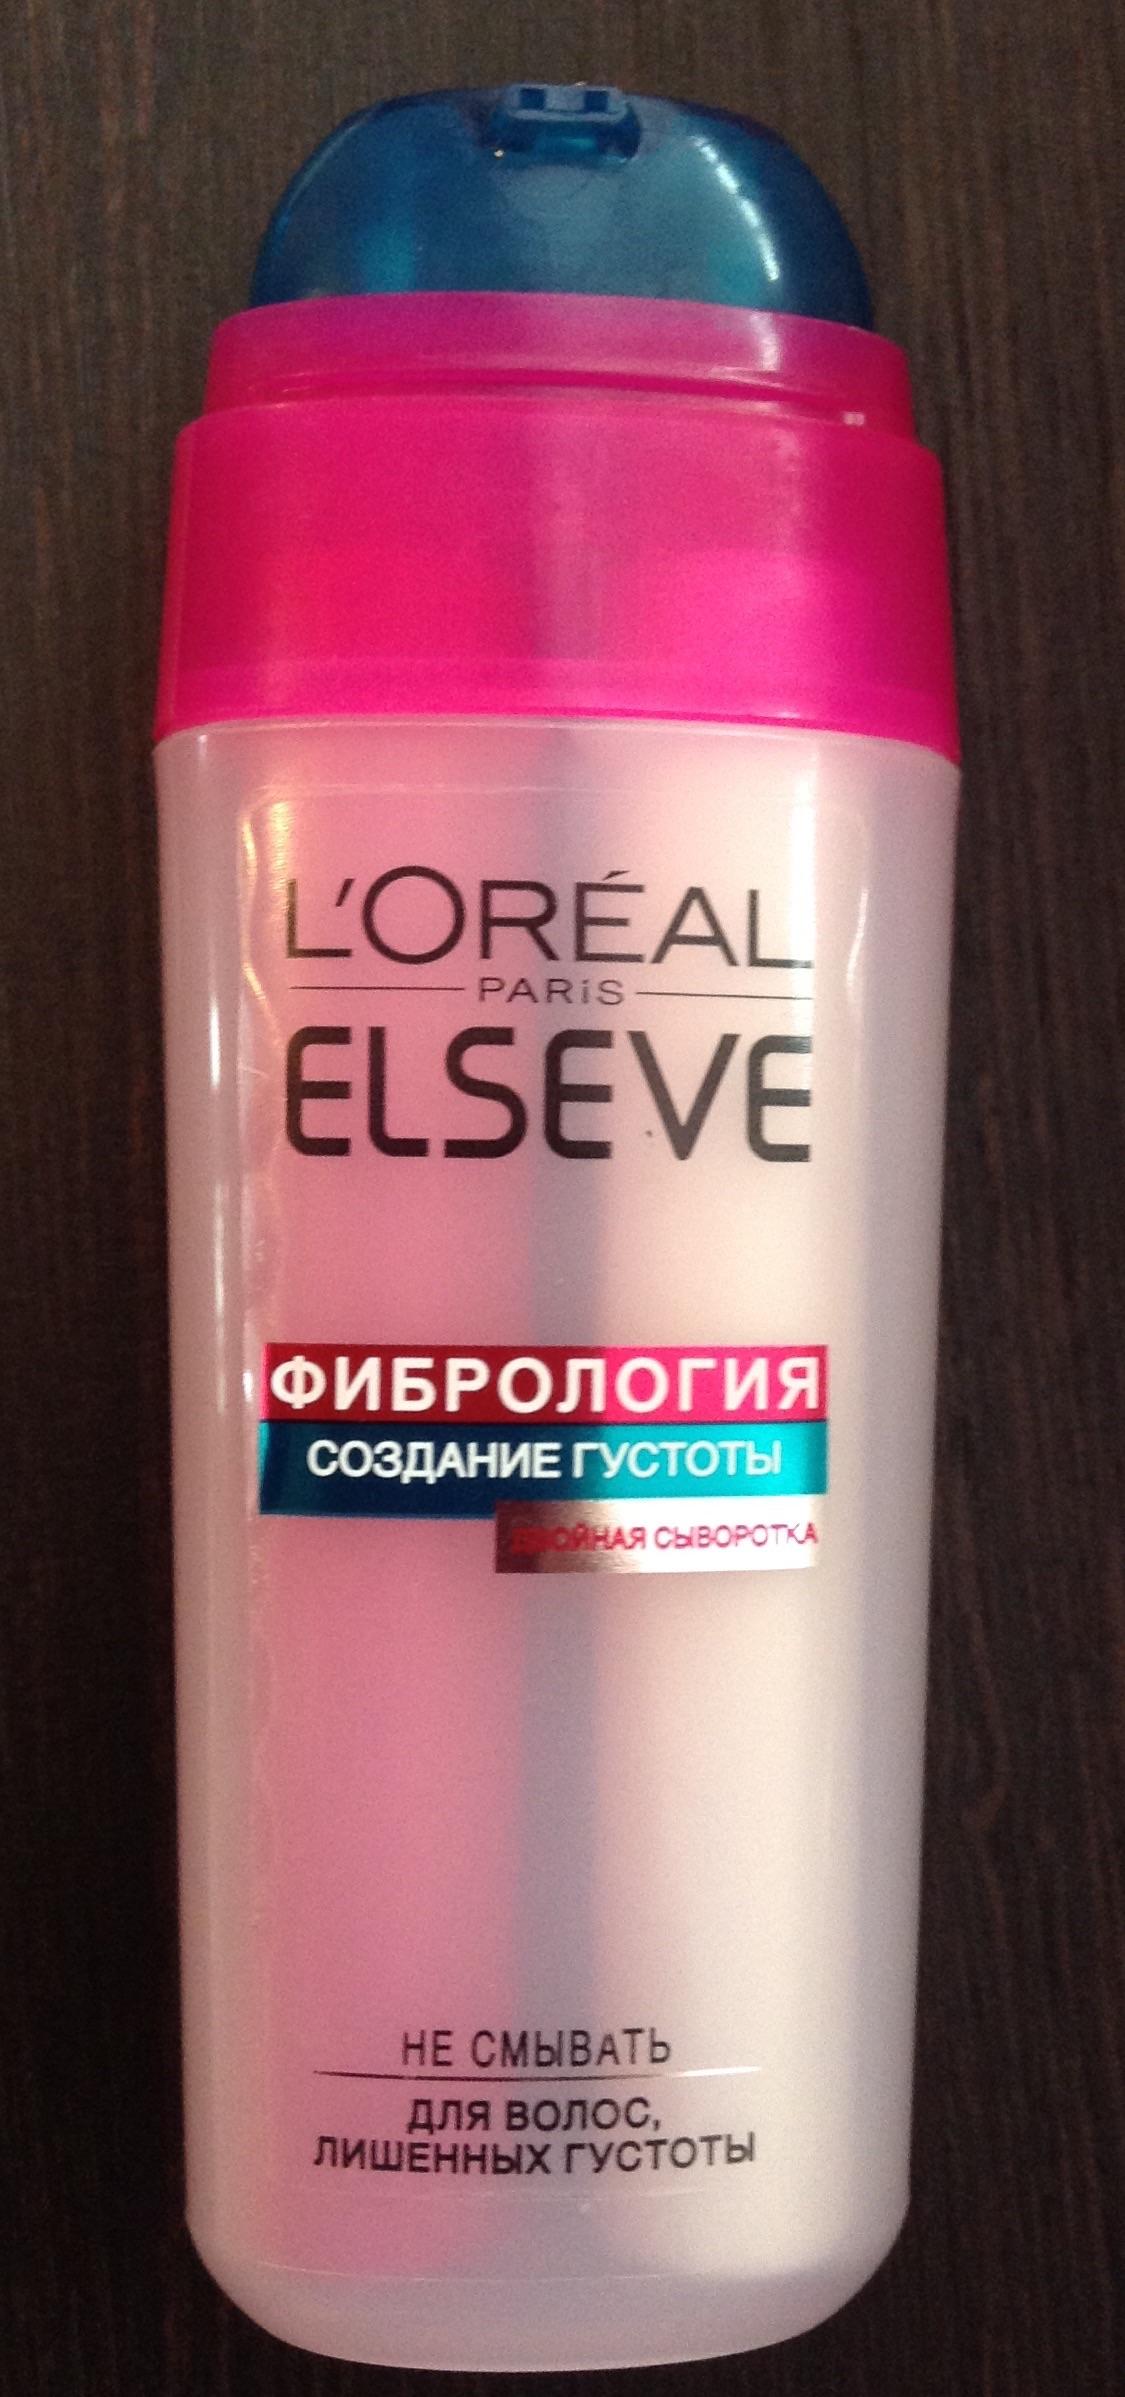 Сыворотка для волос фибрология отзывы